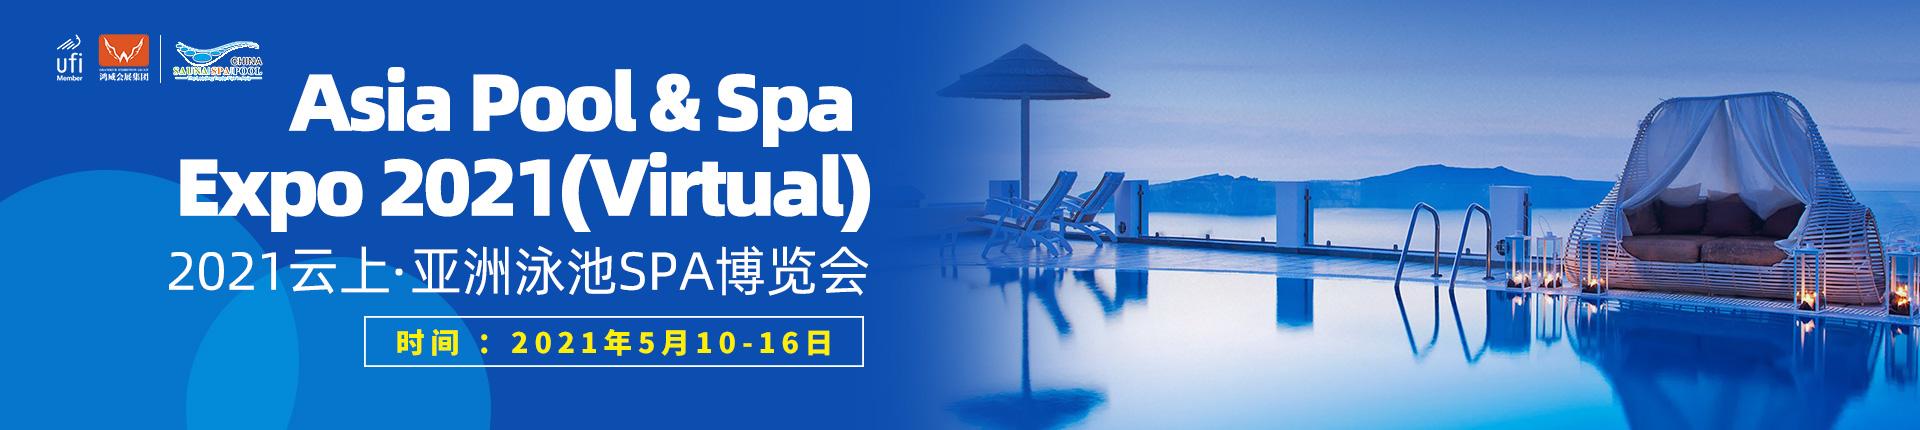 2021云上·亚洲泳池SPA博览会